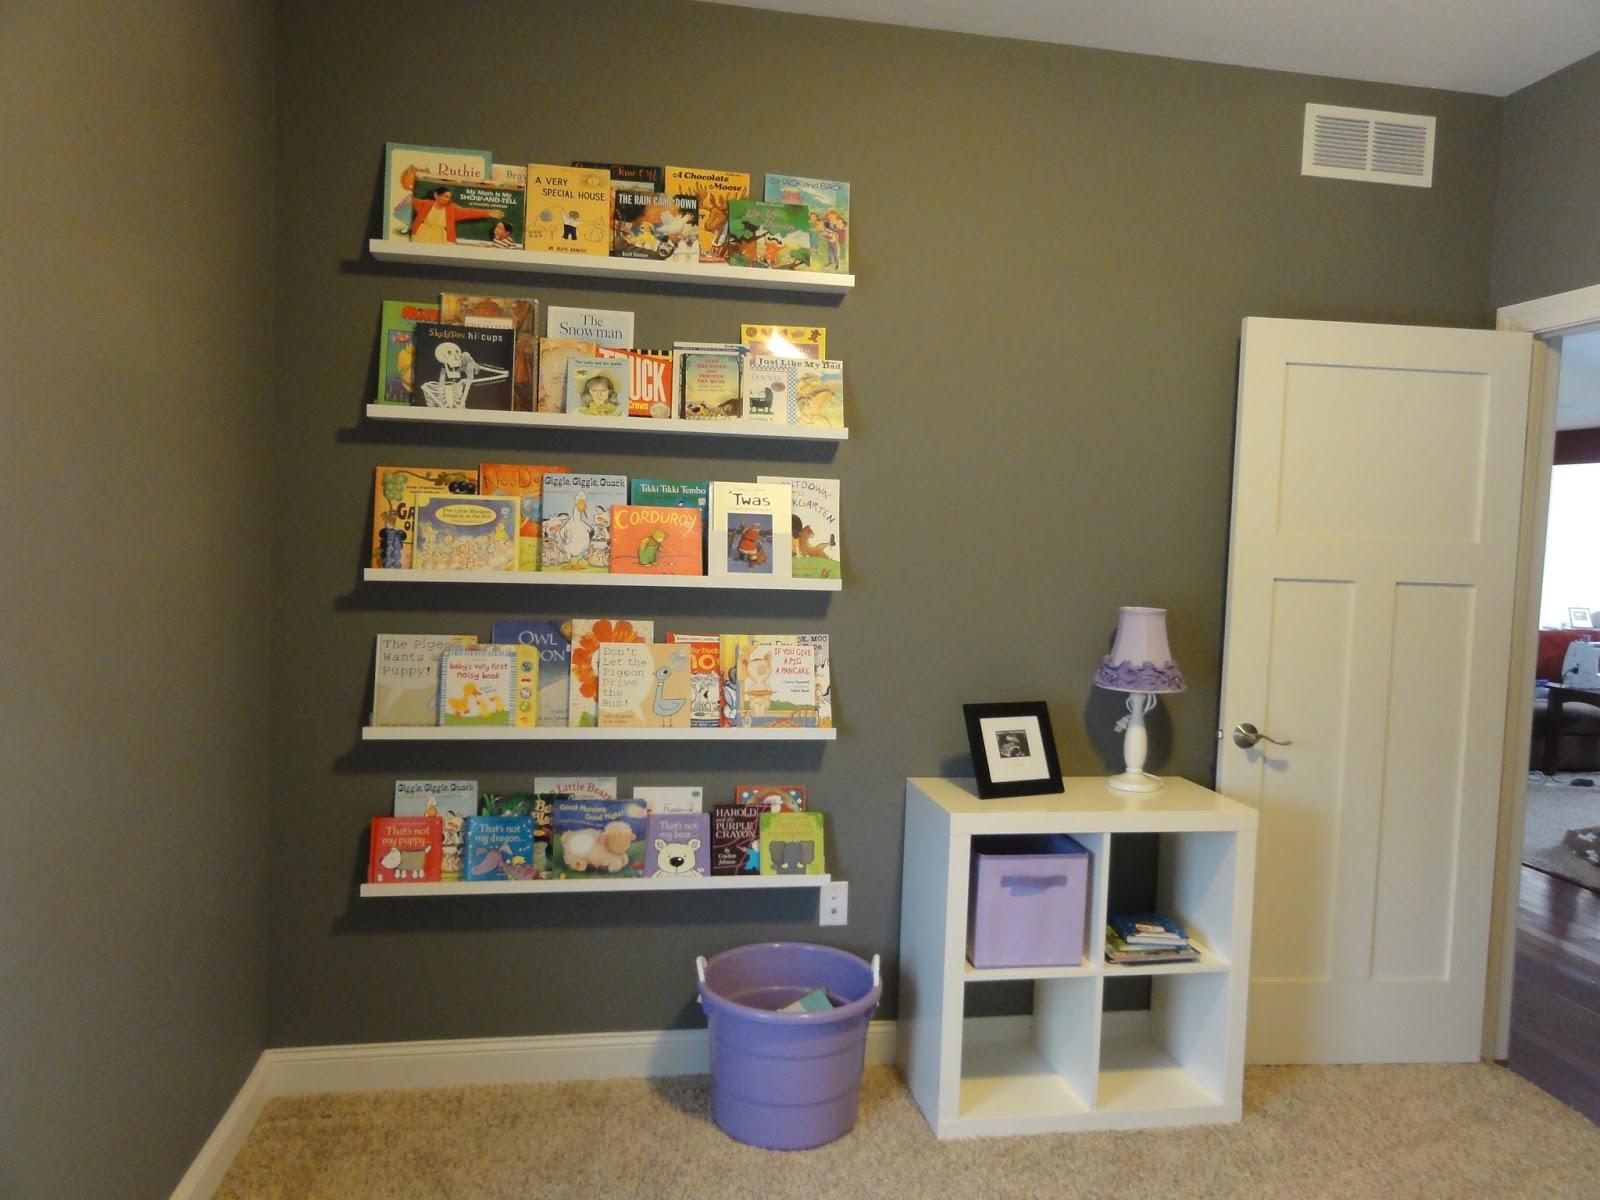 IKEA-væg-hylder-til-bøger-images-ak22